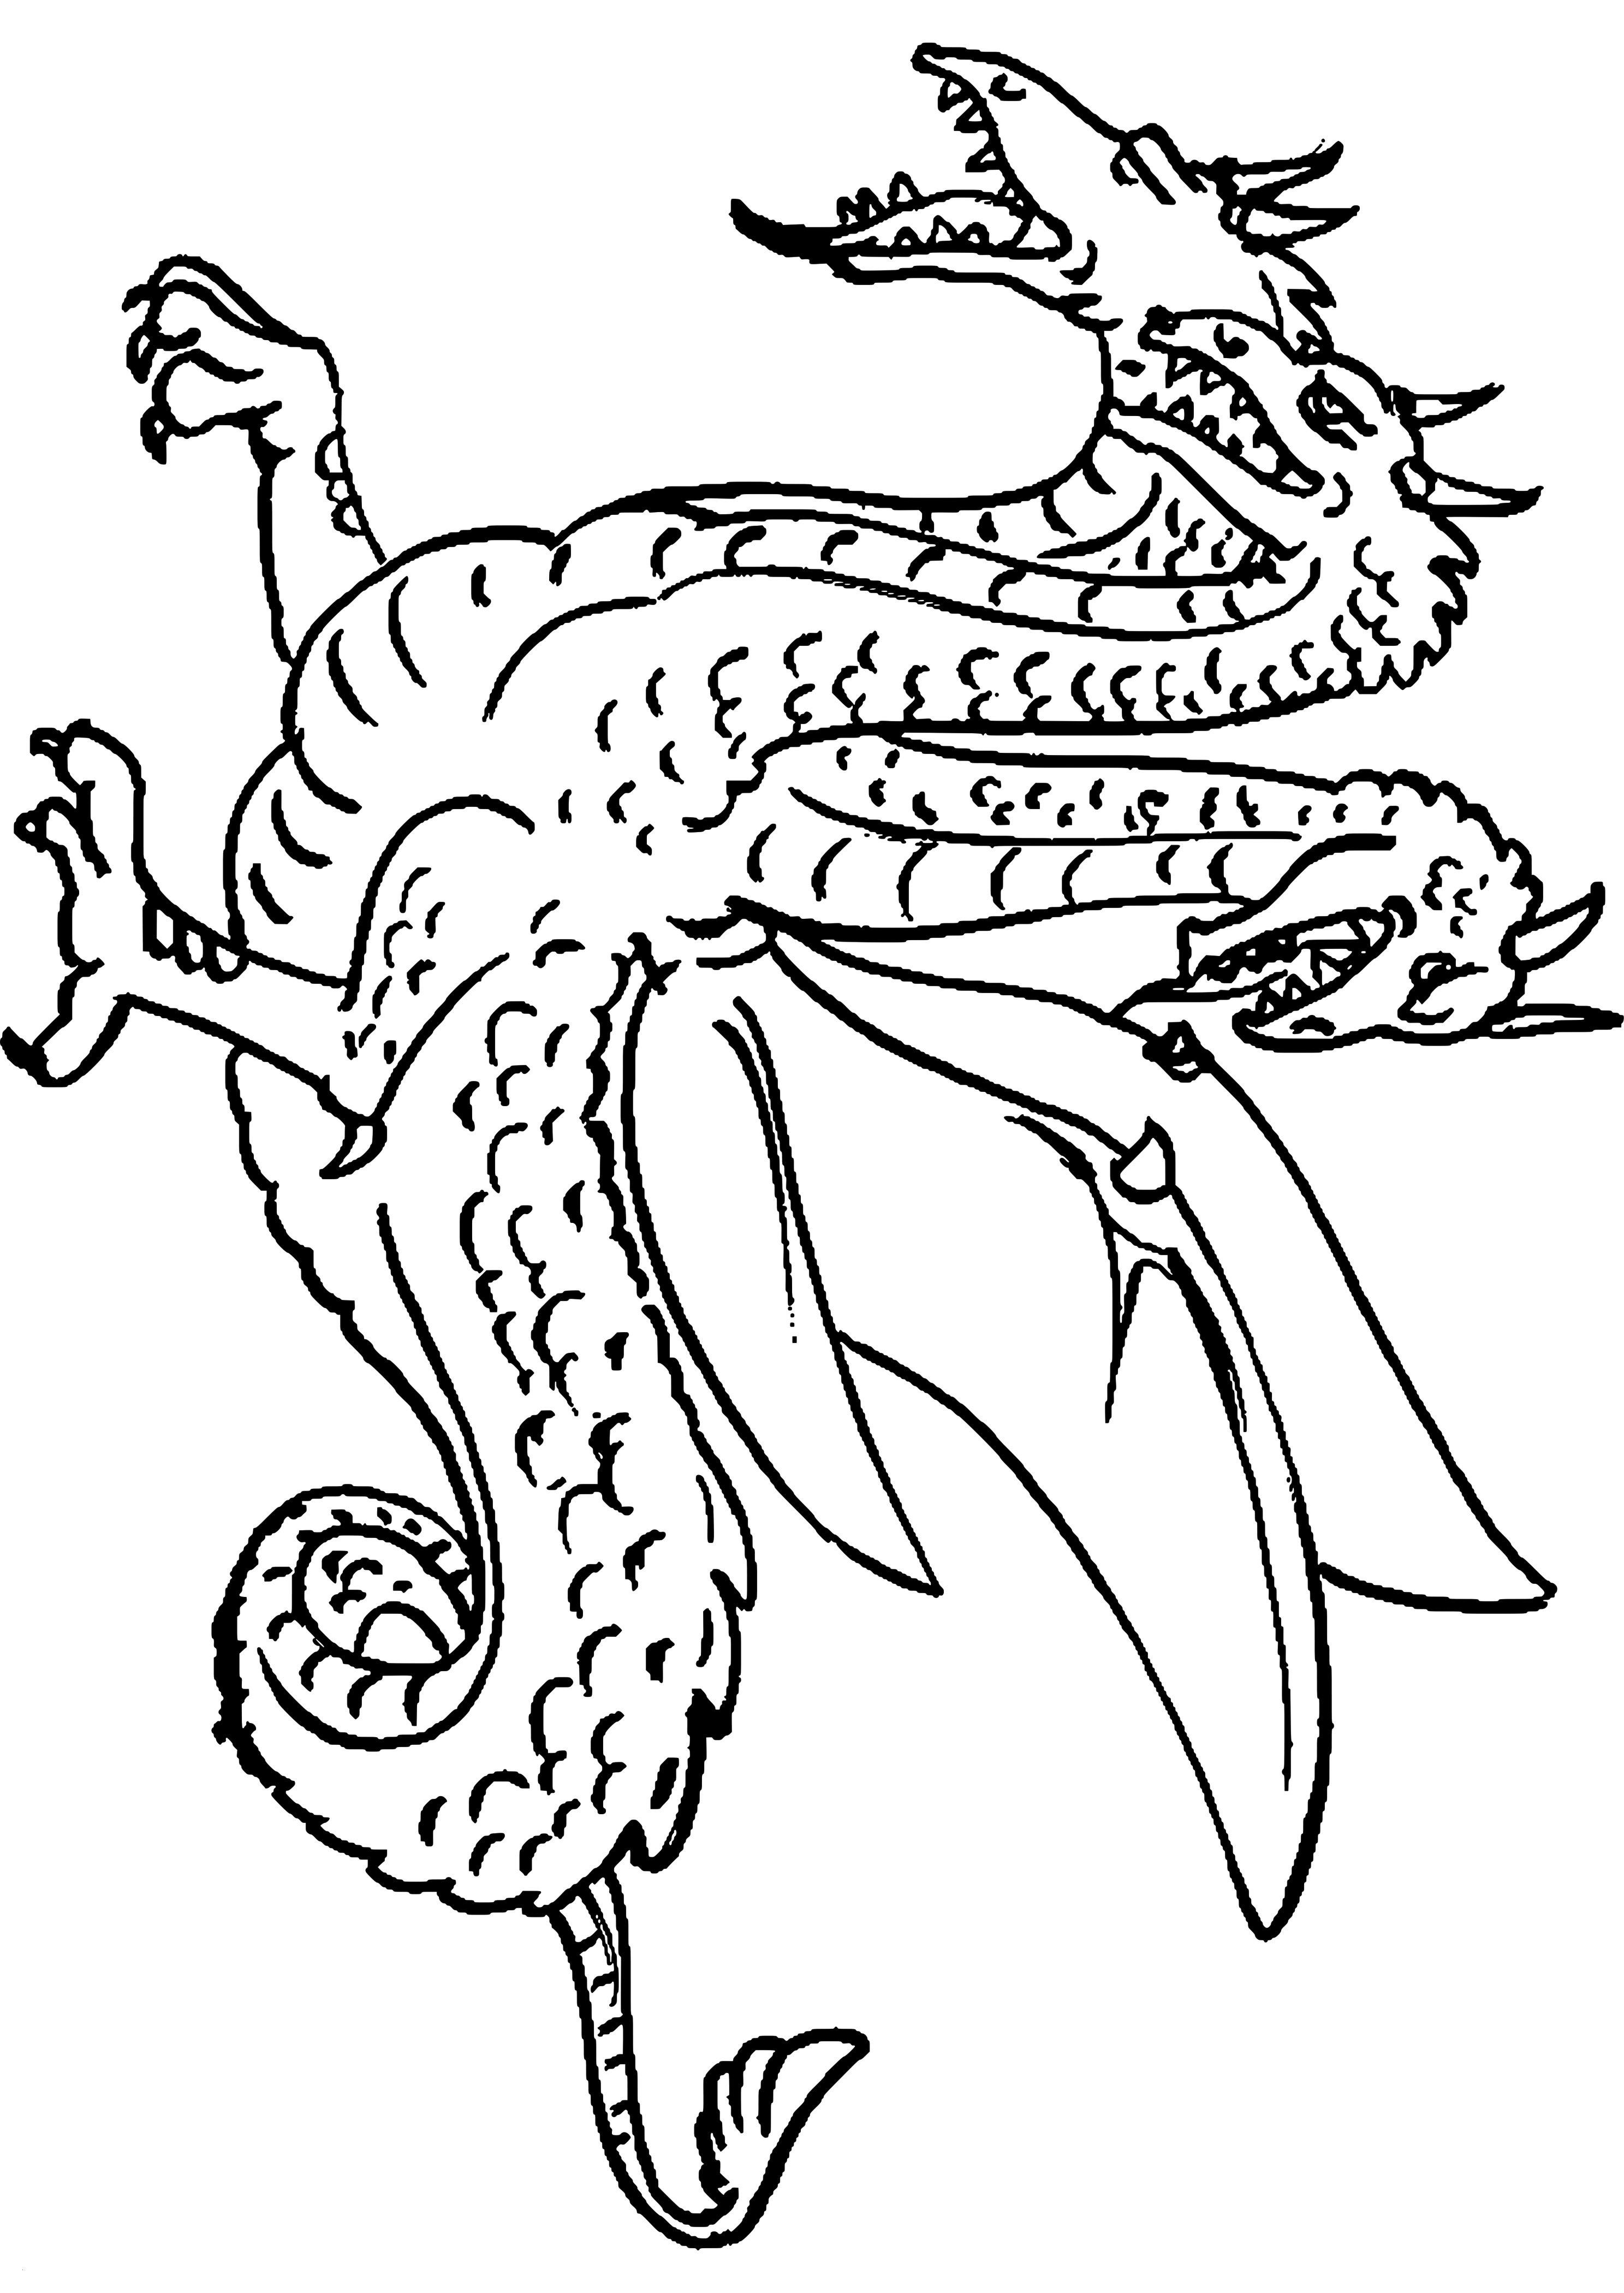 Ritter Rost Ausmalbild Inspirierend 47 Schön Coole Drachen Ausmalbilder Beste Malvorlage Sammlung